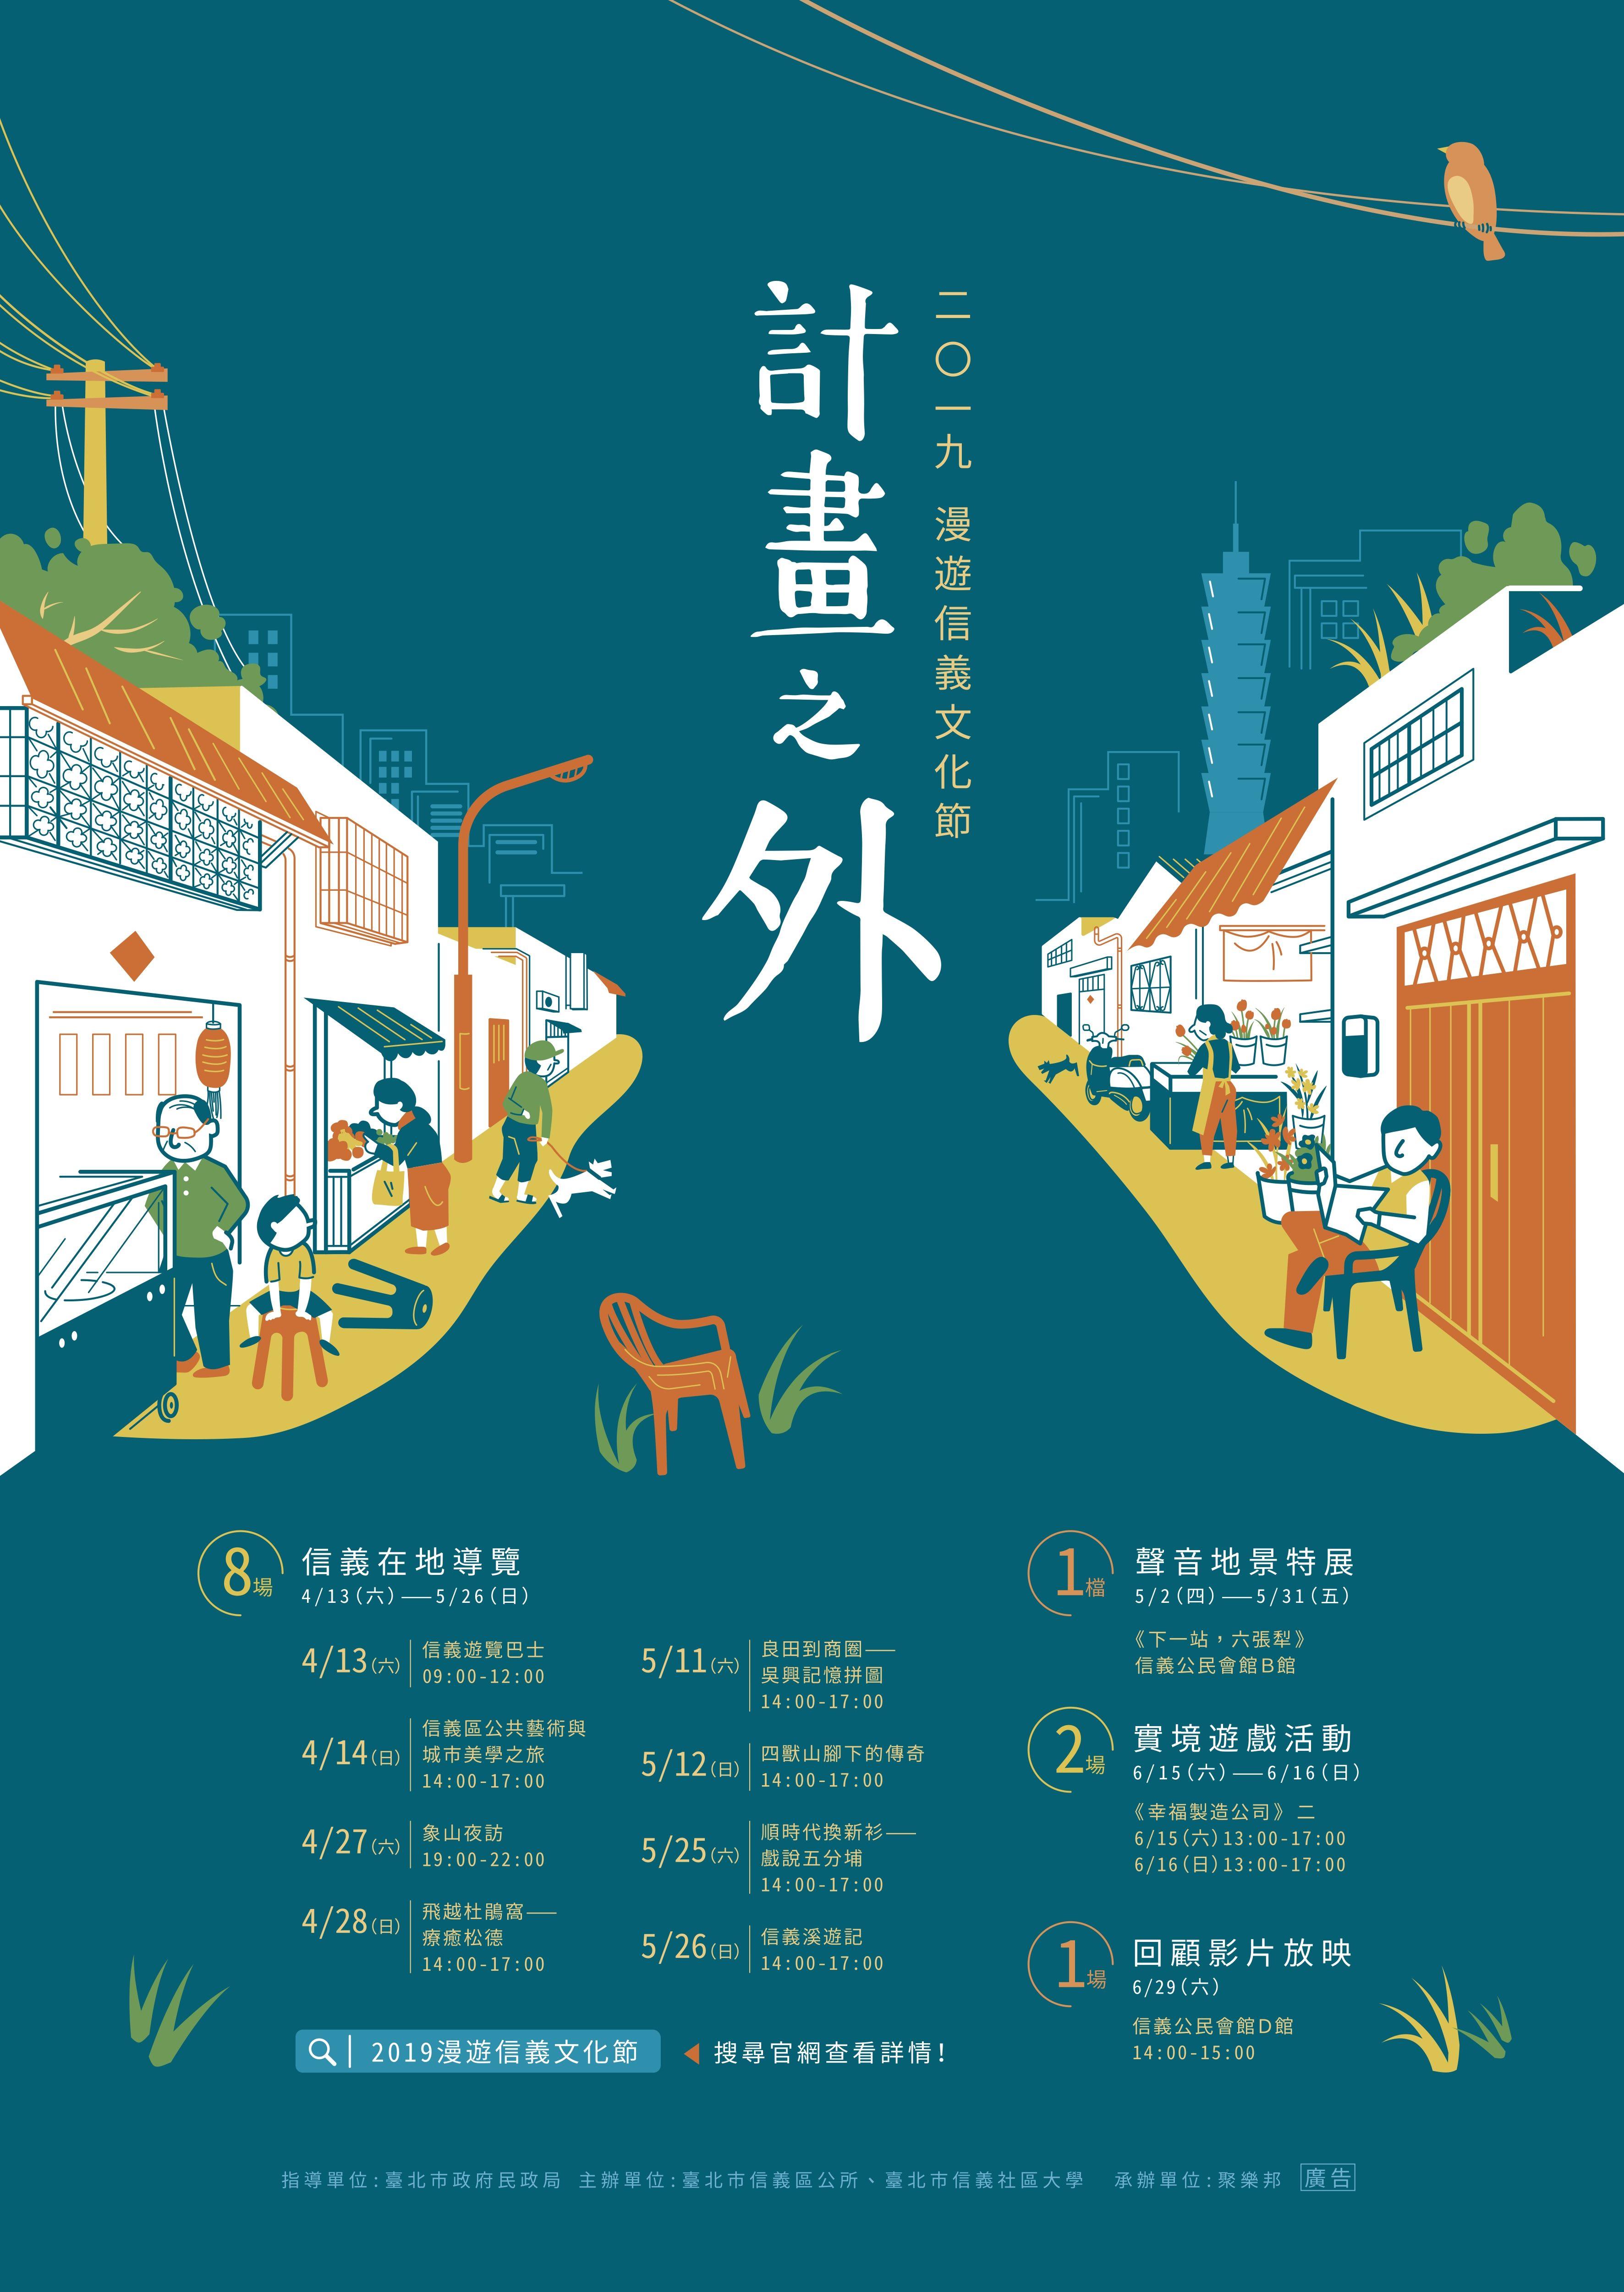 2019漫遊信義文化節-計畫之外活動海報